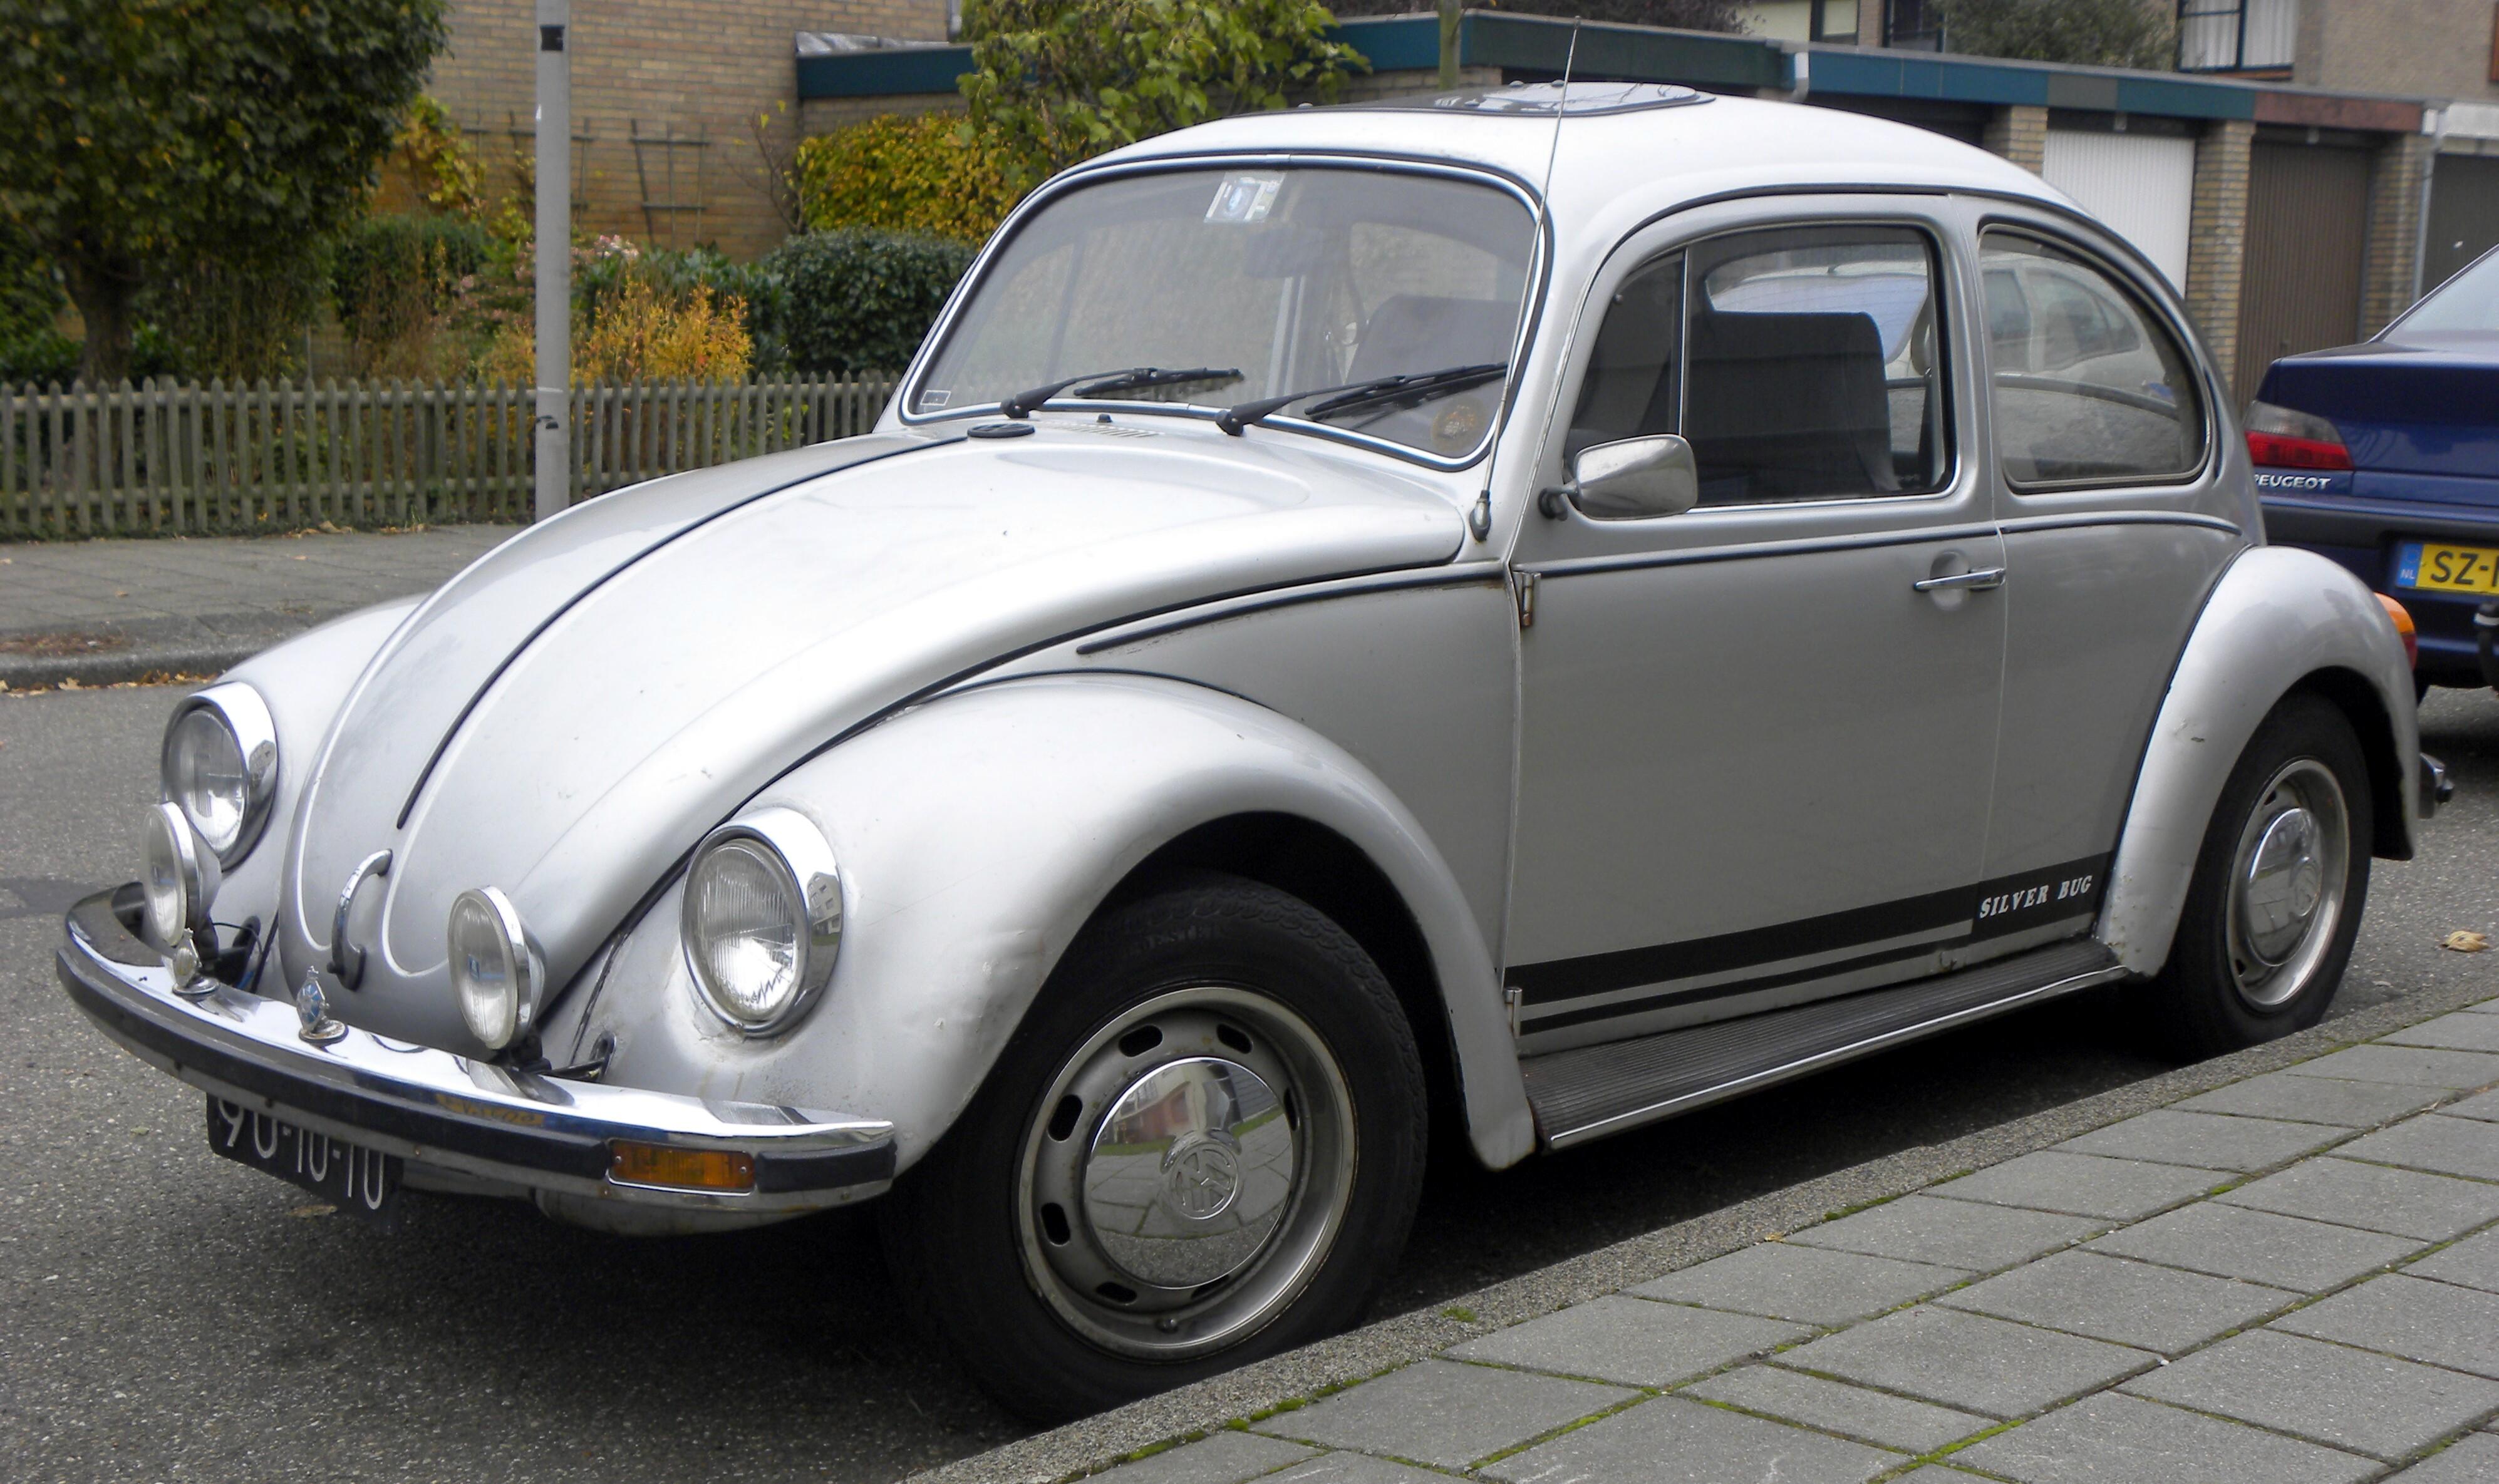 http://upload.wikimedia.org/wikipedia/commons/b/b2/VW_Beetle_Silver_Bug_-_Flickr_-_Joost_J._Bakker_IJmuiden_(2).jpg